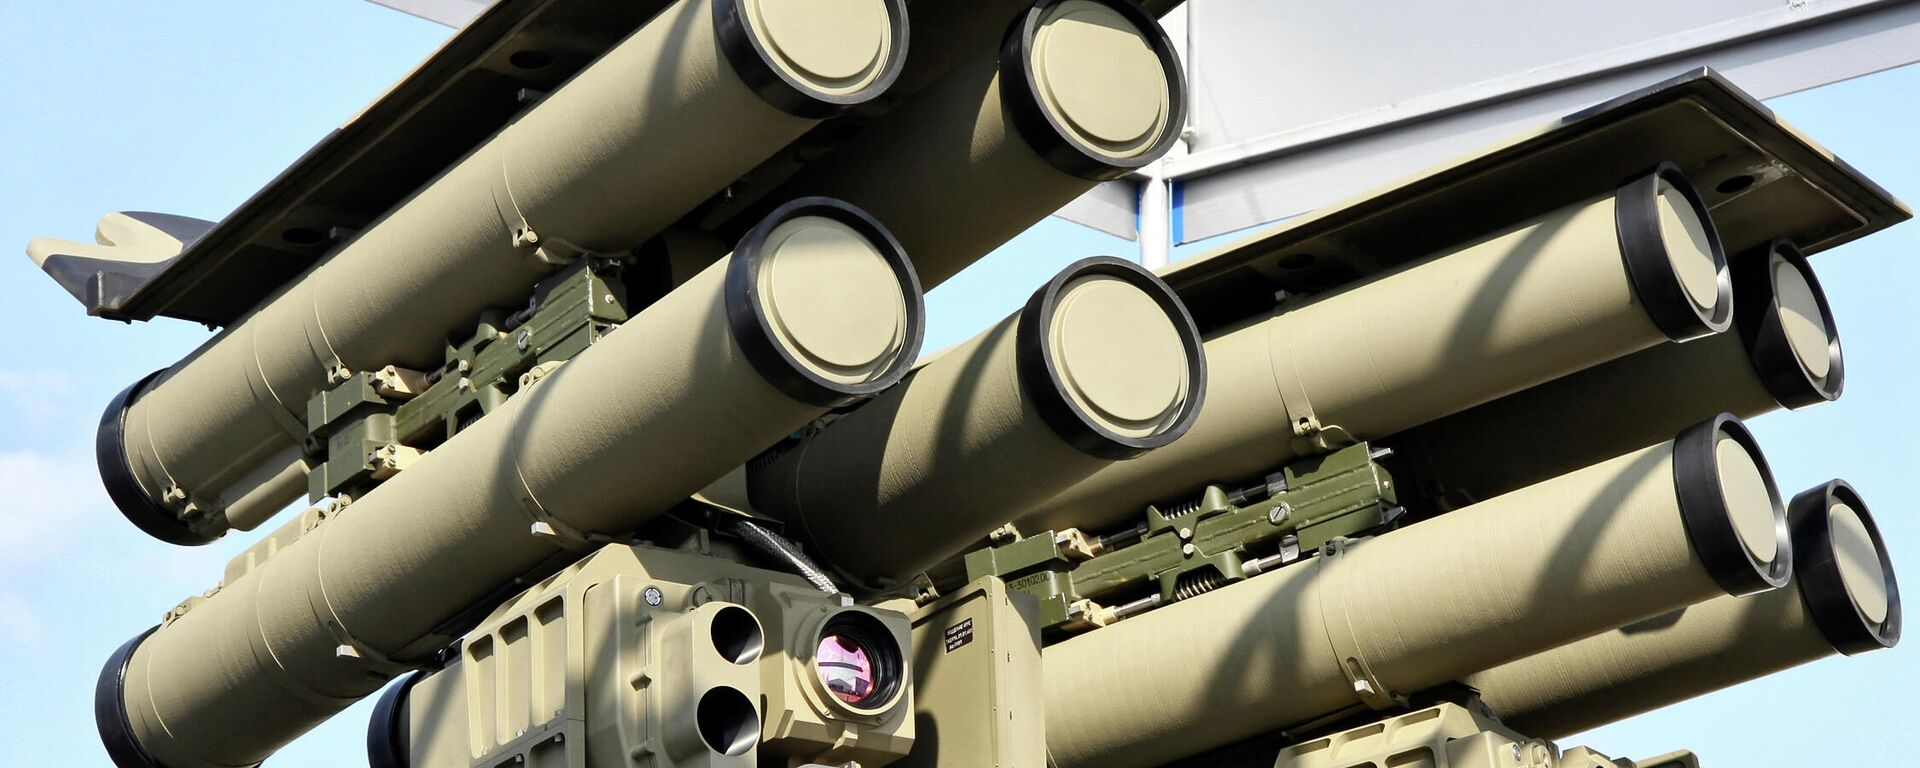 Misiles guiados antitanque Kornet E - Sputnik Mundo, 1920, 24.08.2021